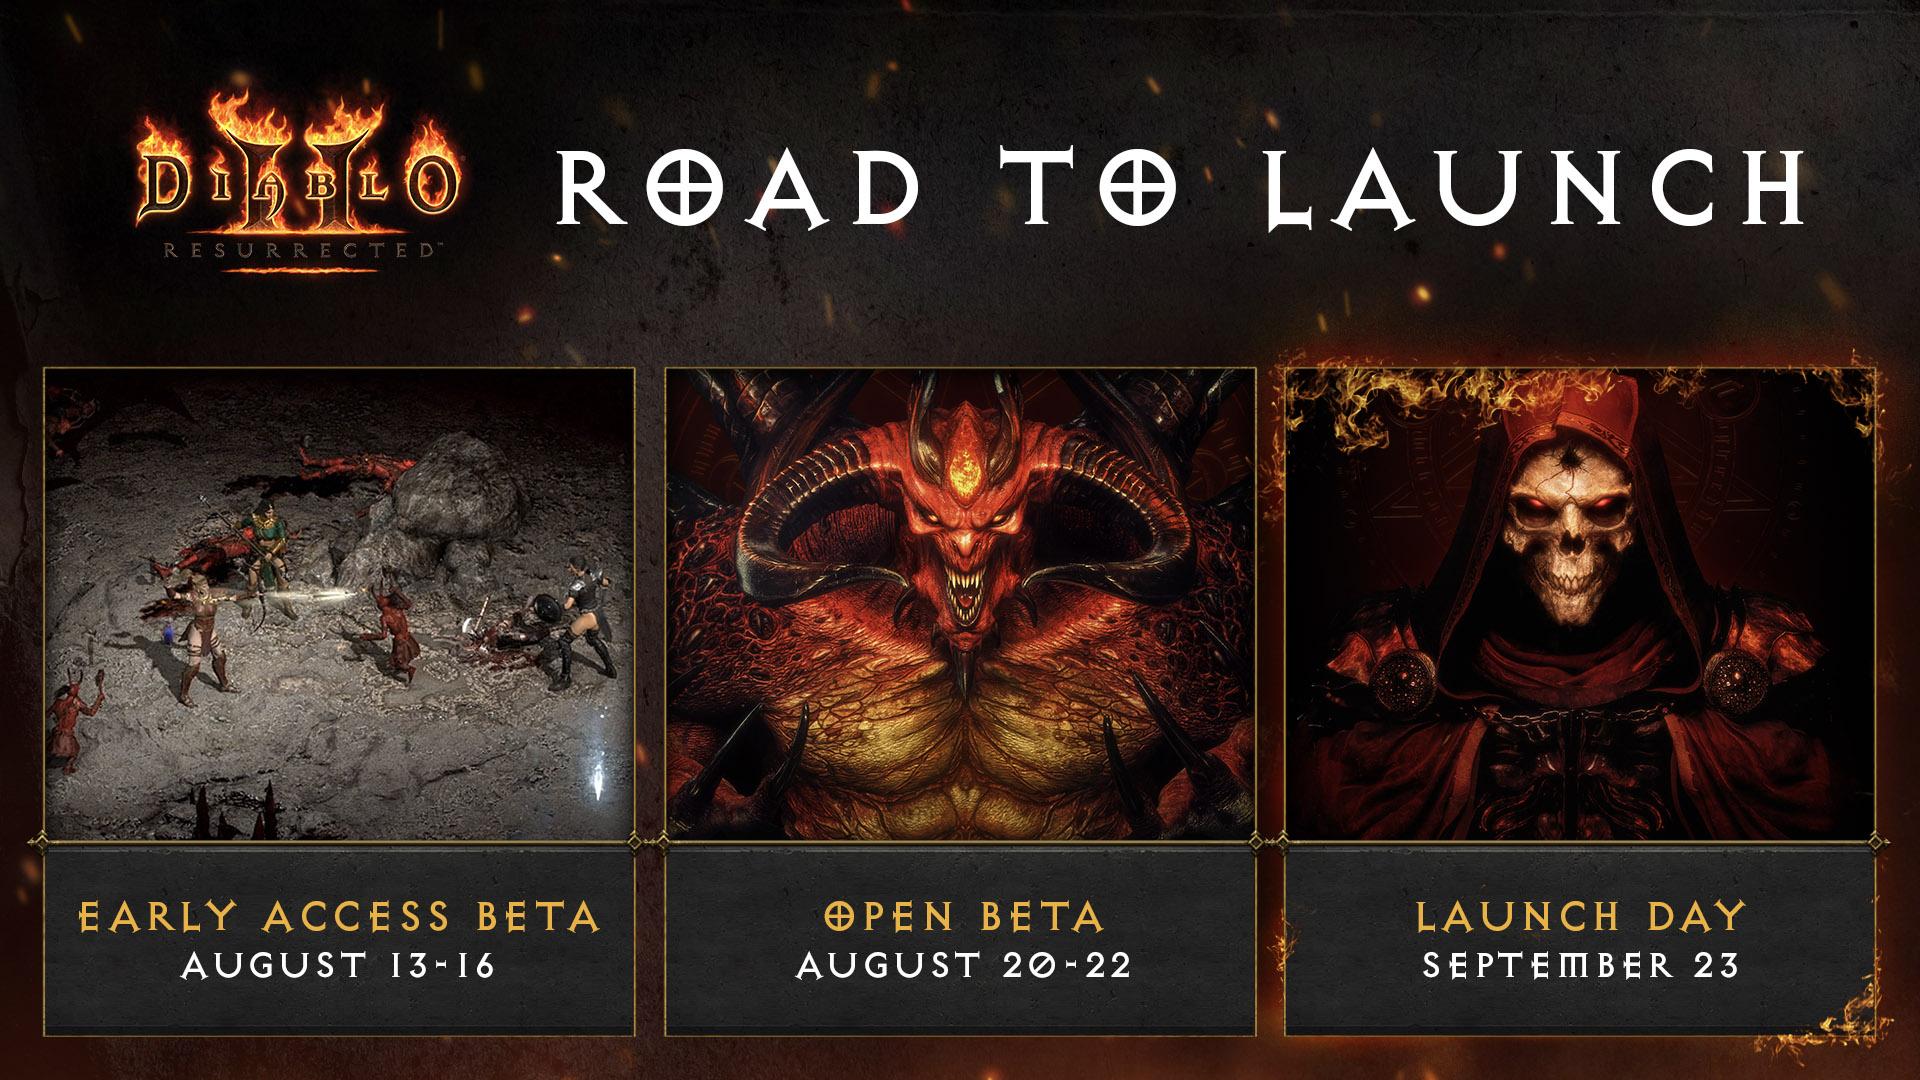 Открытая «бета» Diablo II: Resurrected начнётся на следующей неделе, а ранний доступ стартует уже на этой